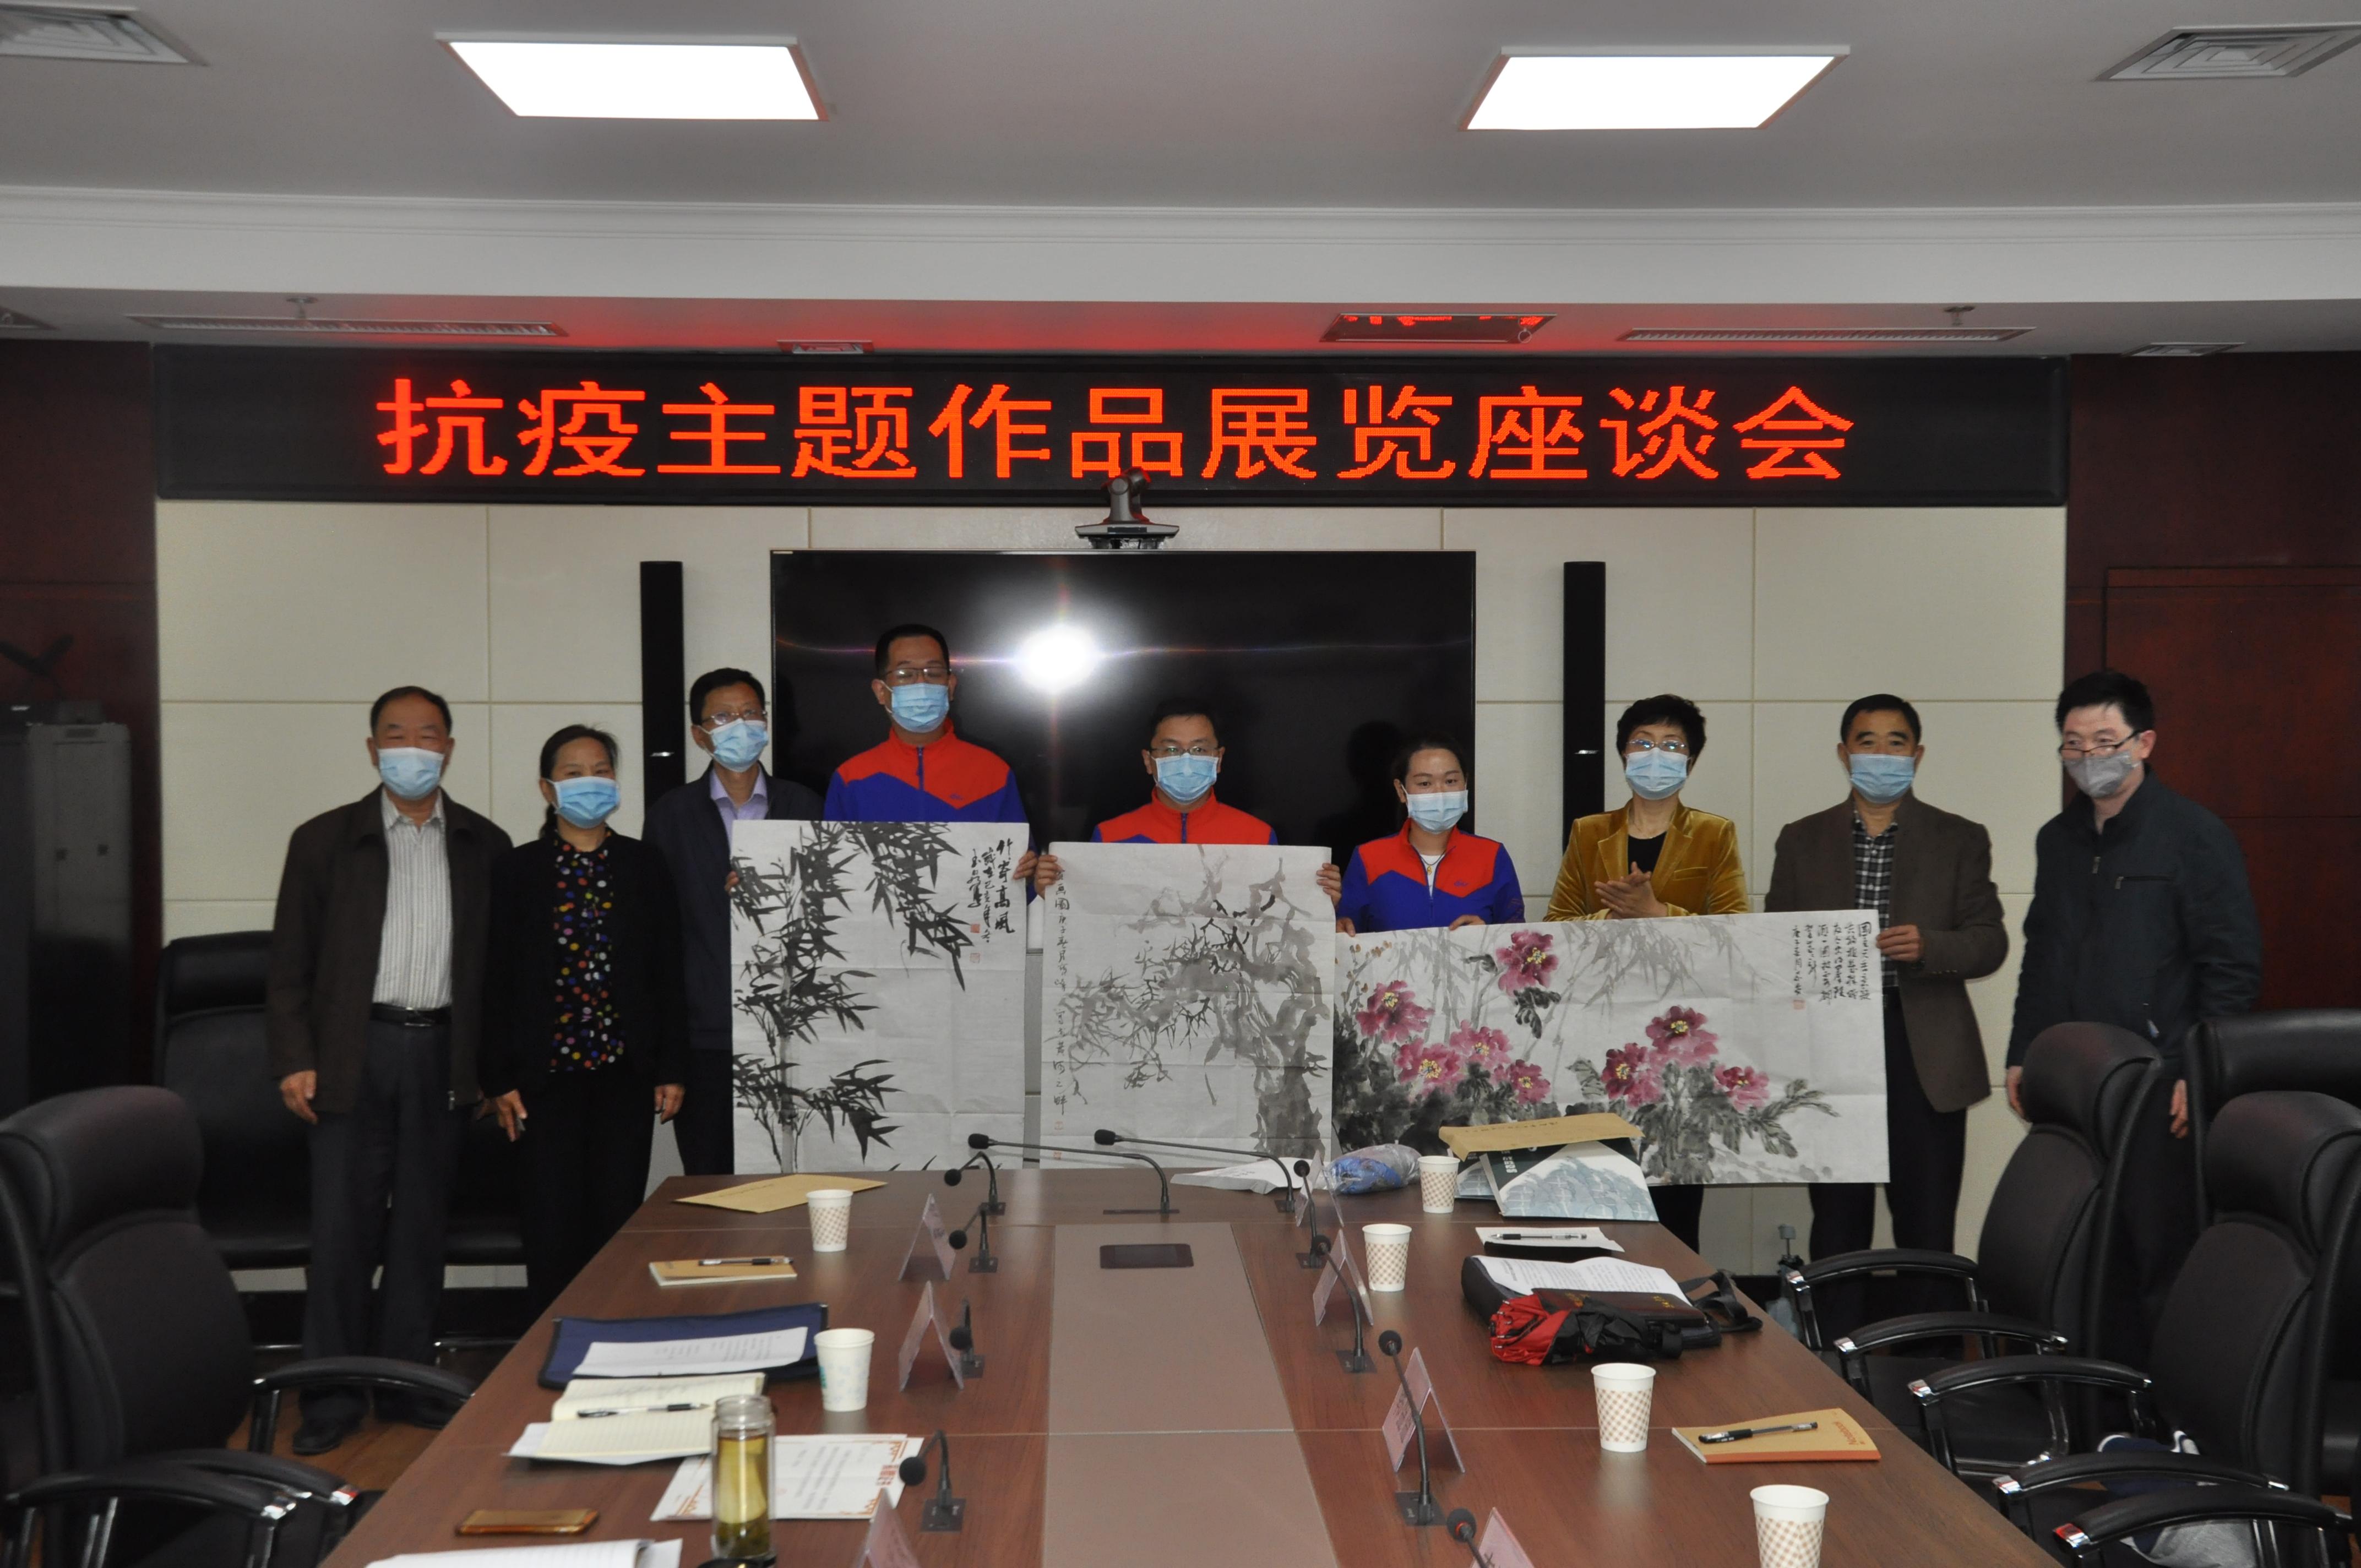 滨州市文联抗疫主题作品展览座谈会召开